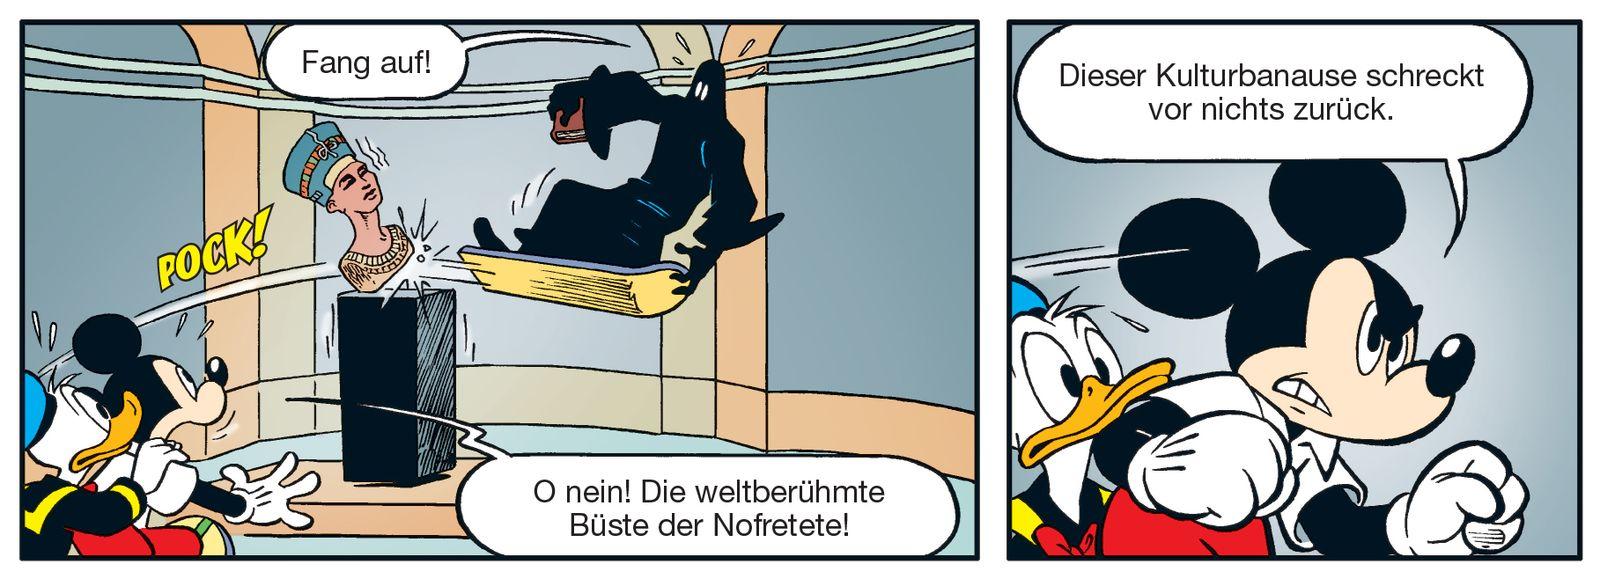 """Gastauftritt der Nofretete im Micky-Maus-Heft: """"Bei Donald Duck ist sie in guten Händen.""""  (c) Disney / Egmont Ehapa"""